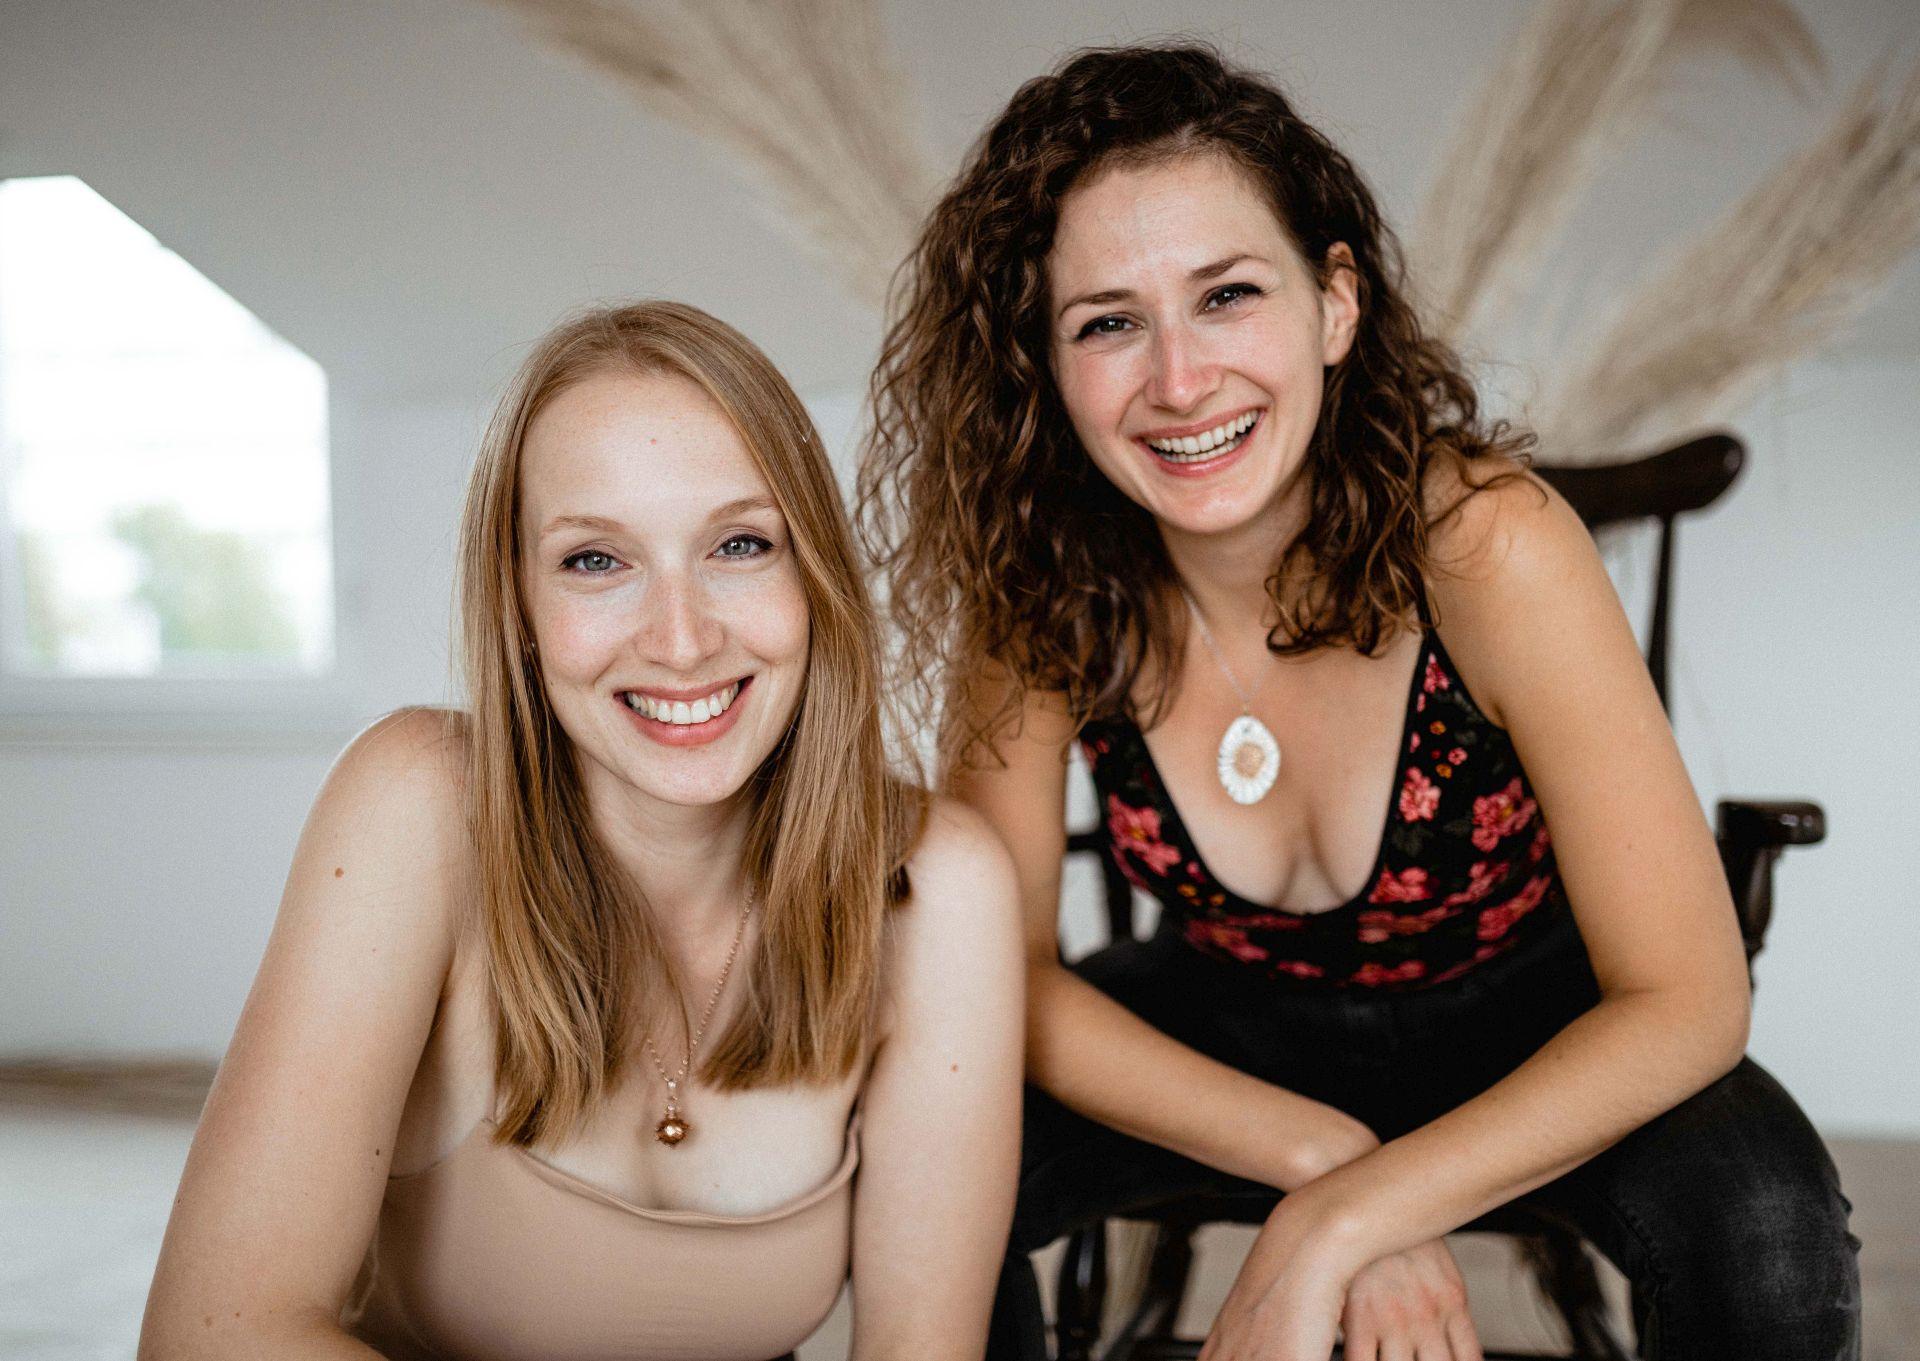 Mi smo Jasmina i Jela, doule i porođajne edukatorice.